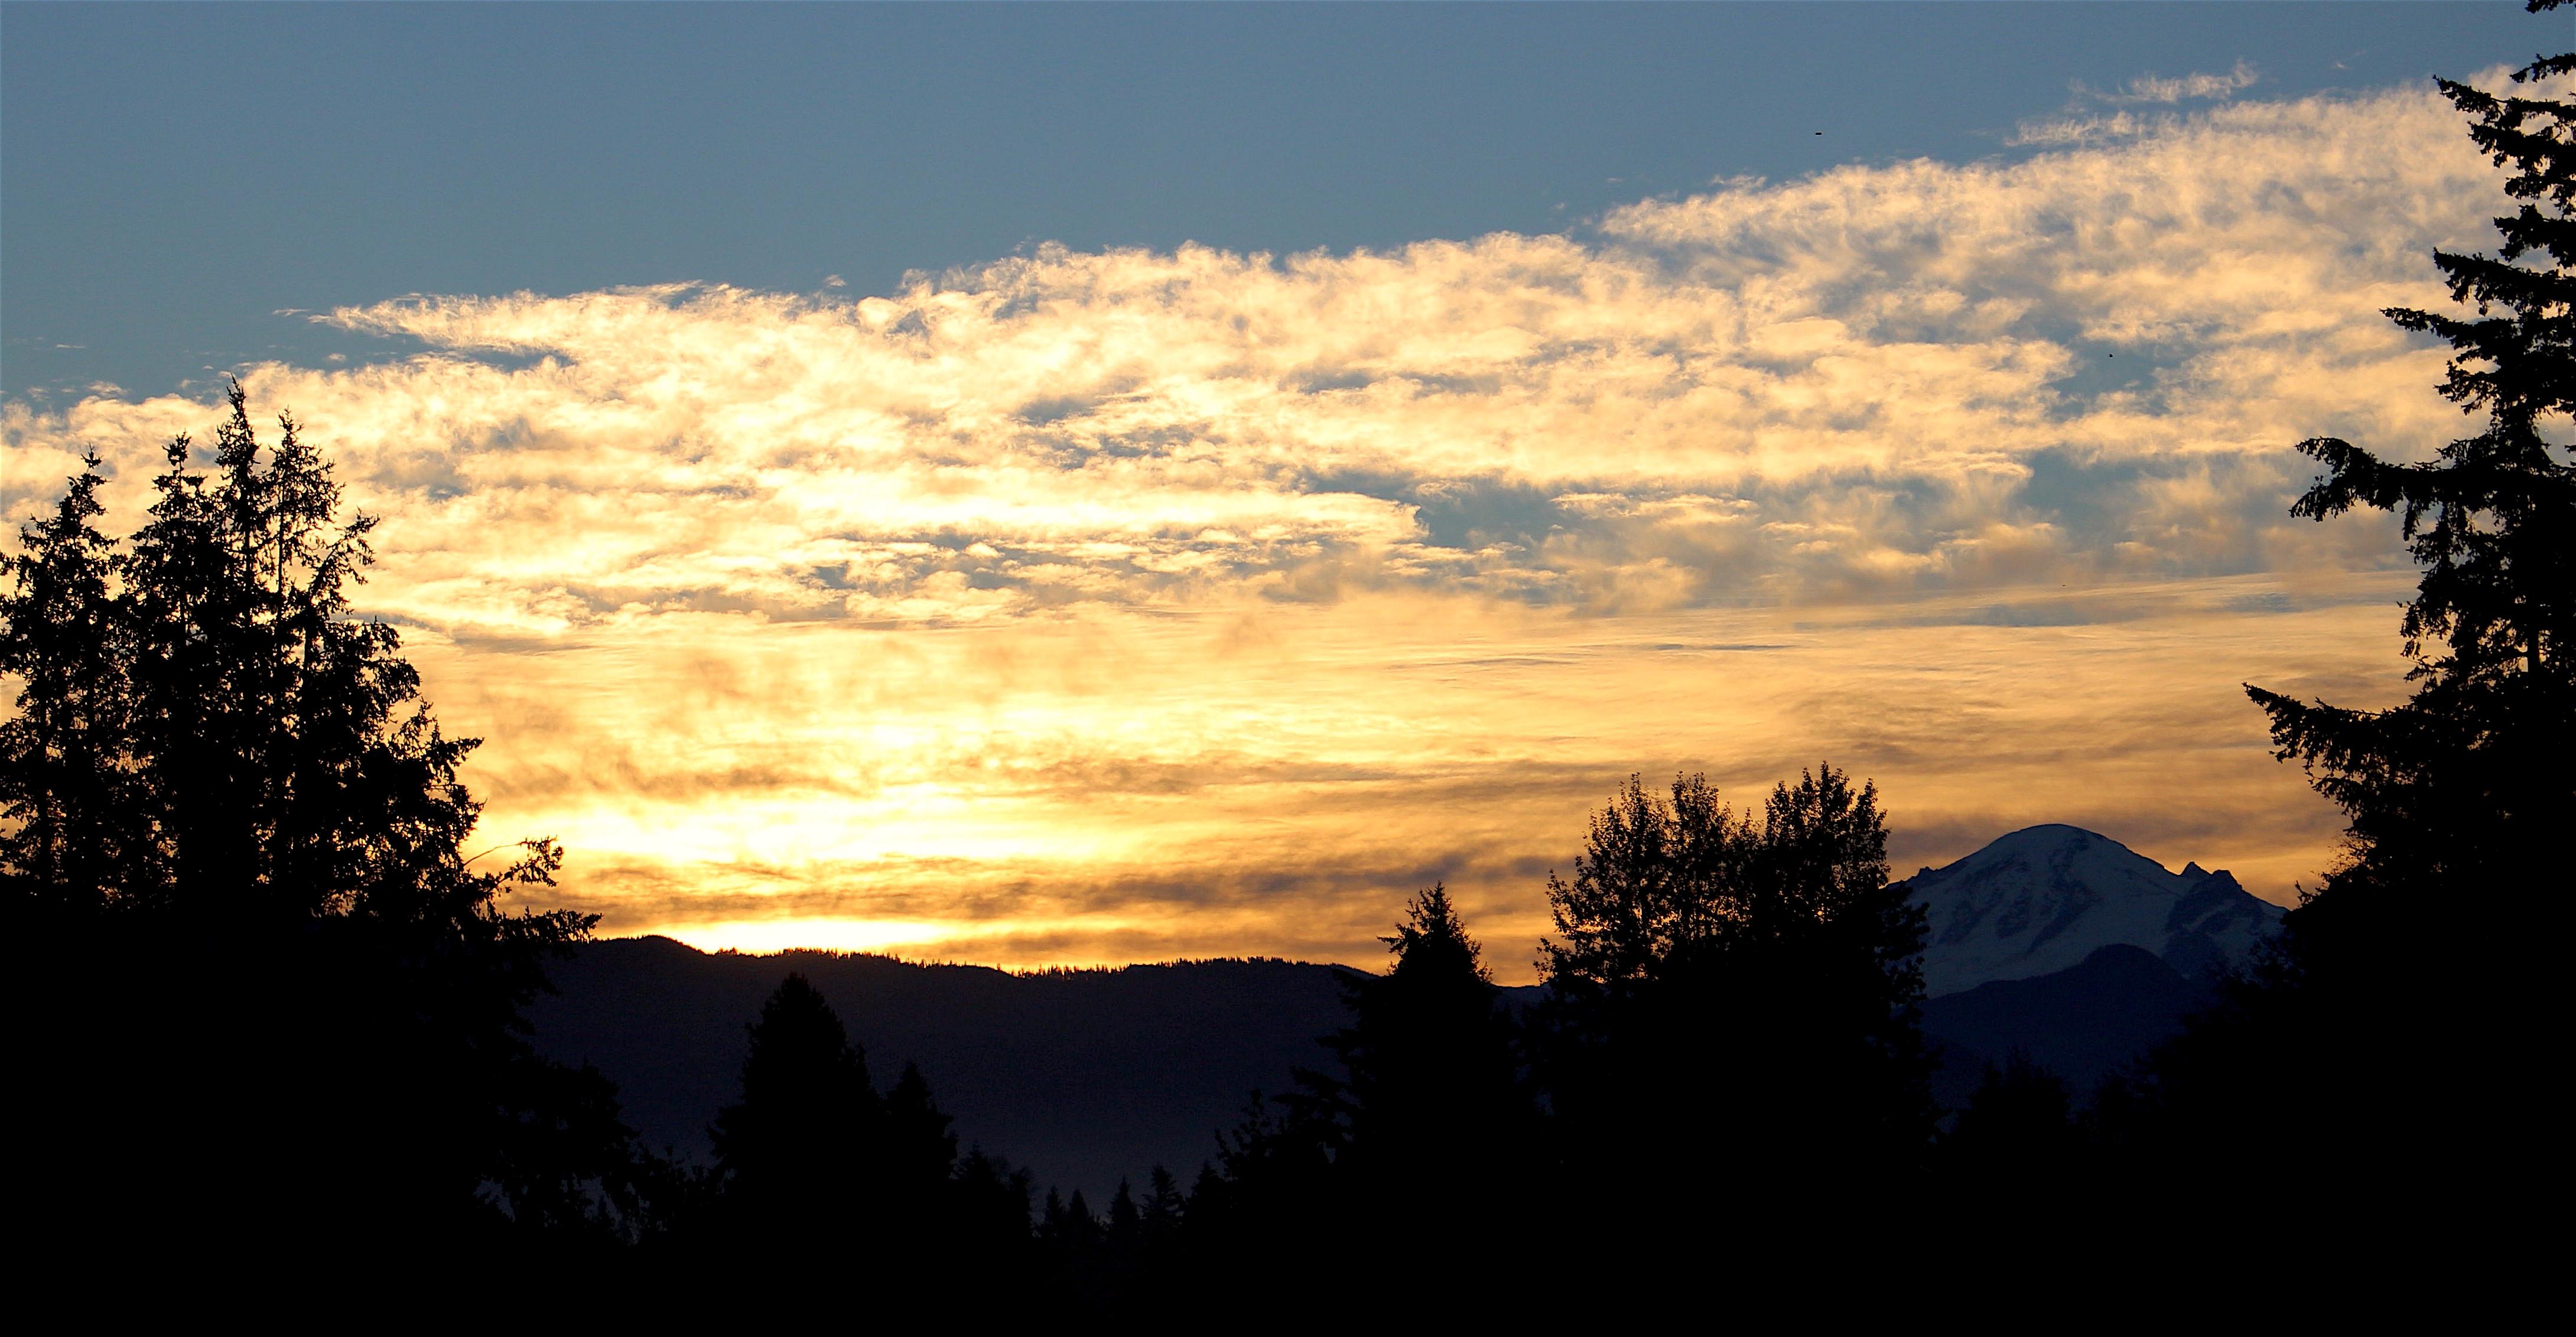 sunrise926163